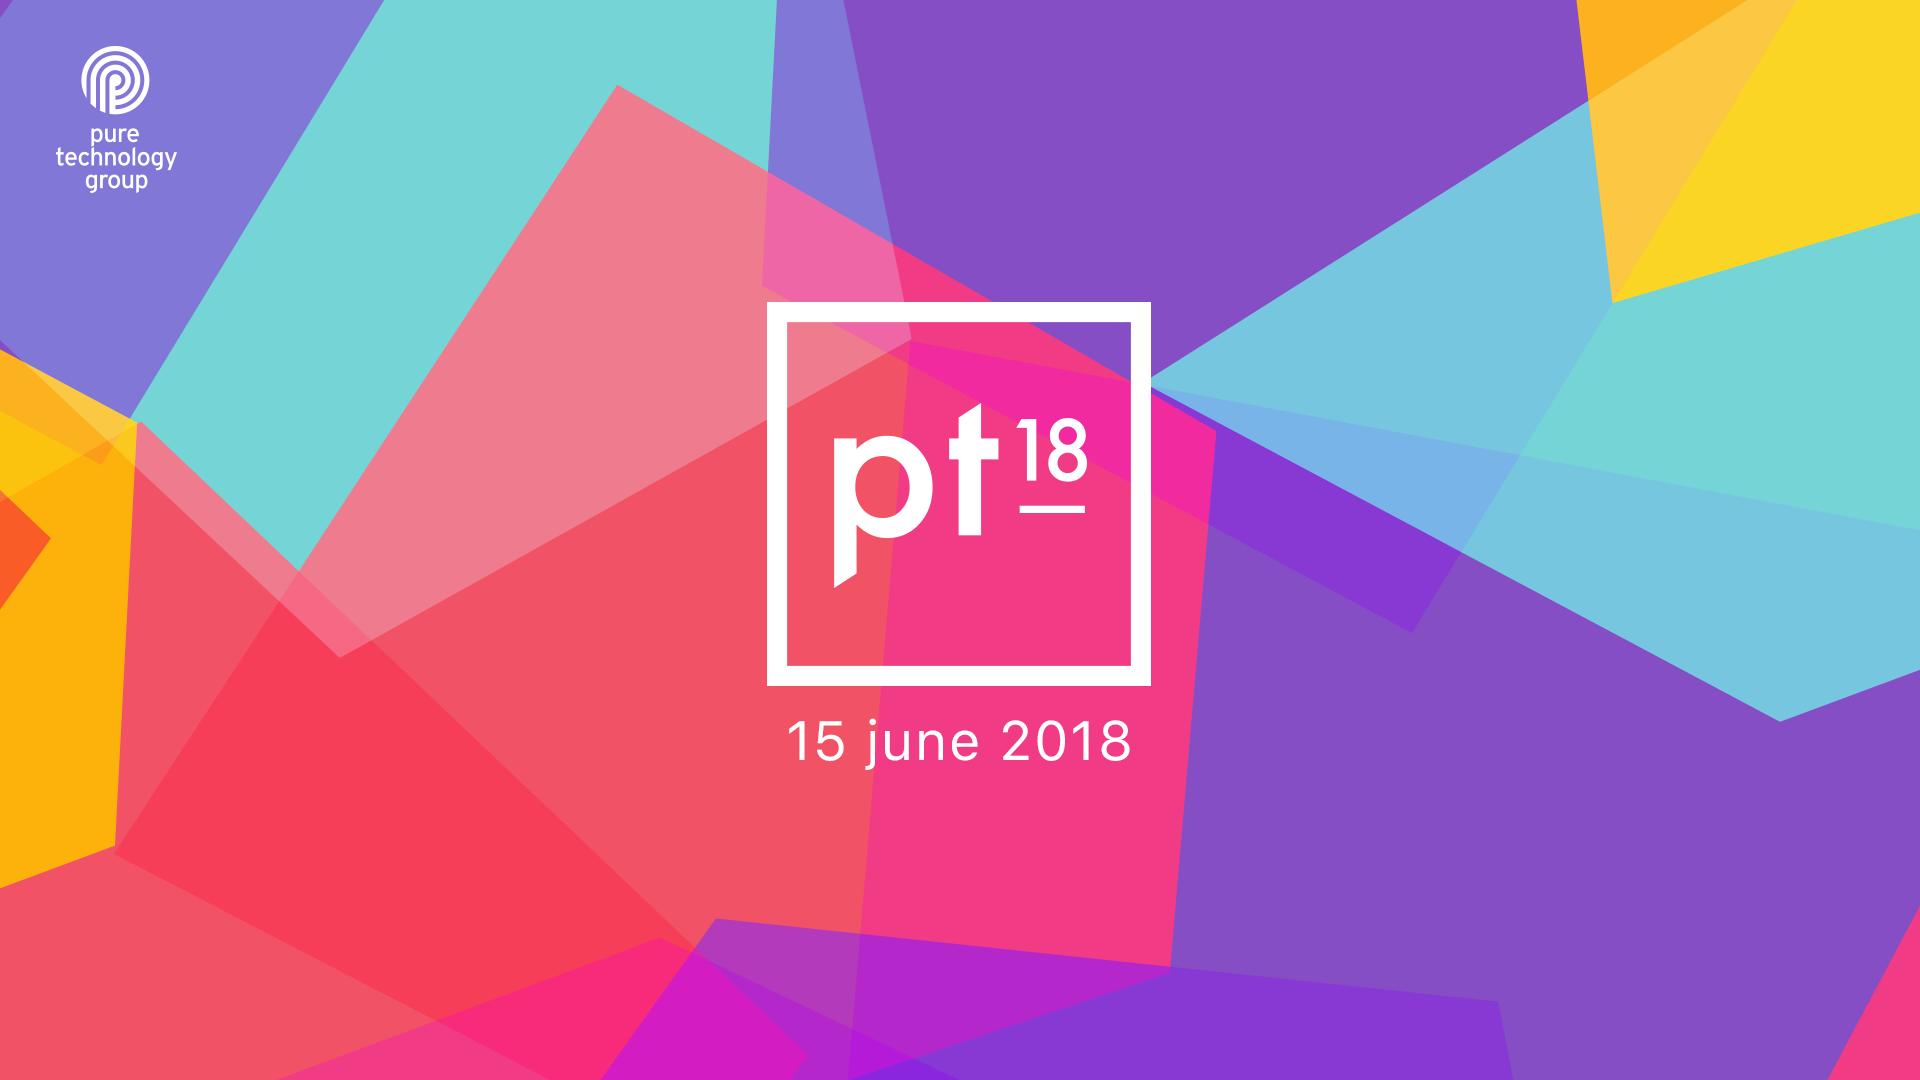 pt18_FB_EVENT 2